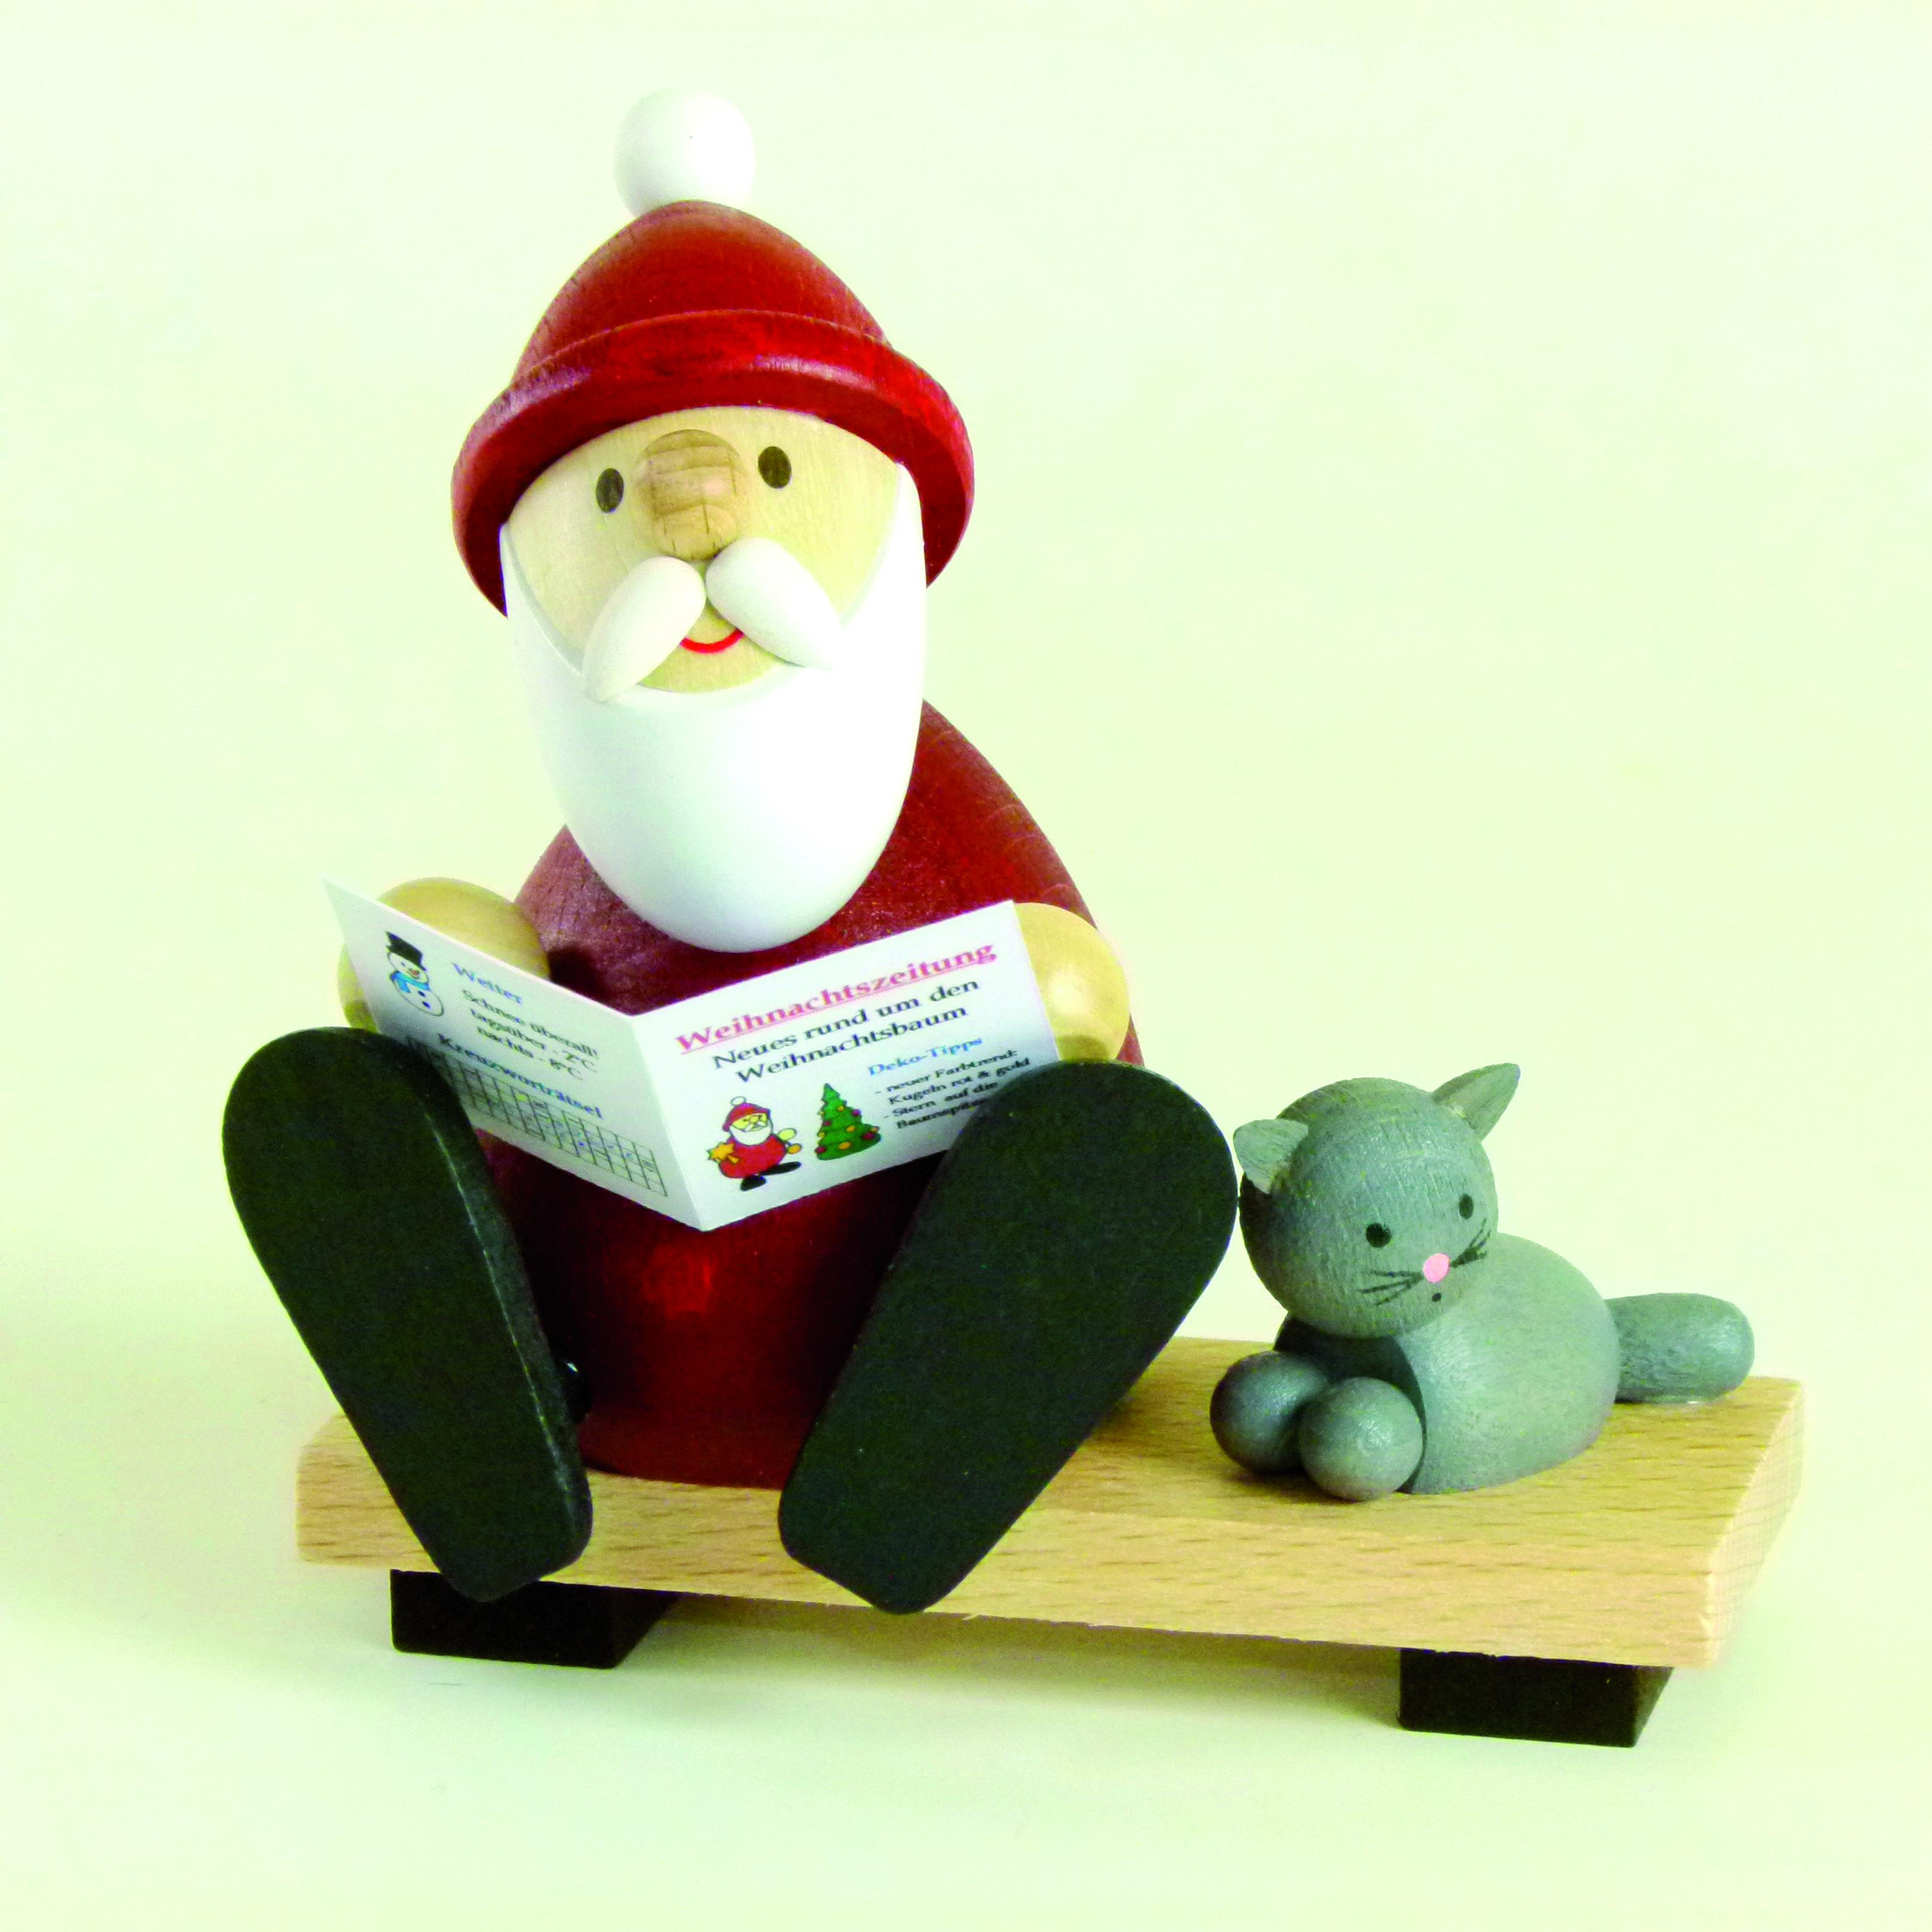 weihnachtsmann_modern_auf_bank_mit_zeitung_und_katze_ullrich_kunsthandwerk_paul_ullrich_volkskunstbestehen